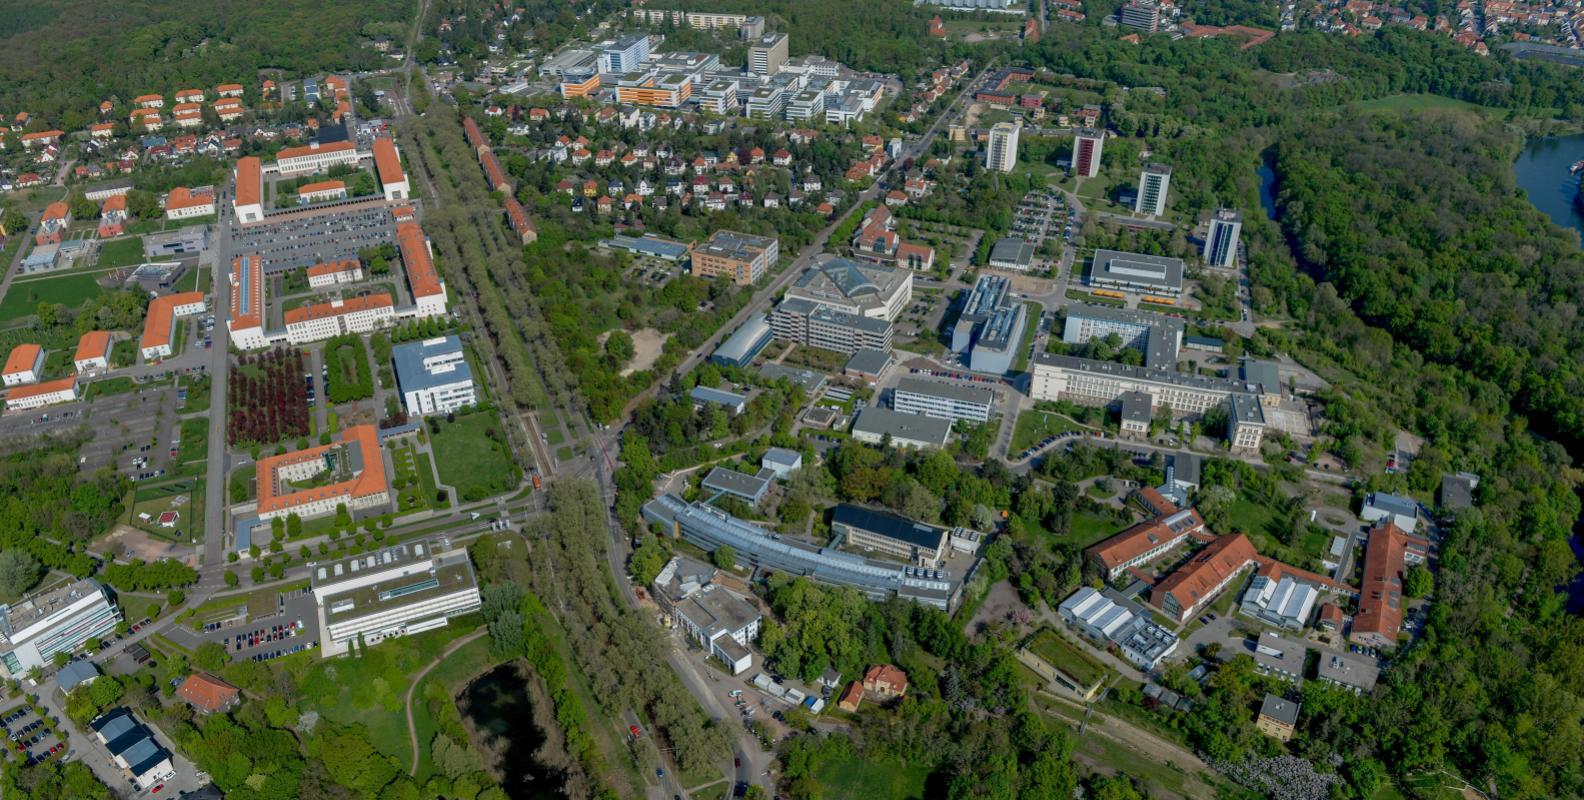 Luftbild Weinberg Campus